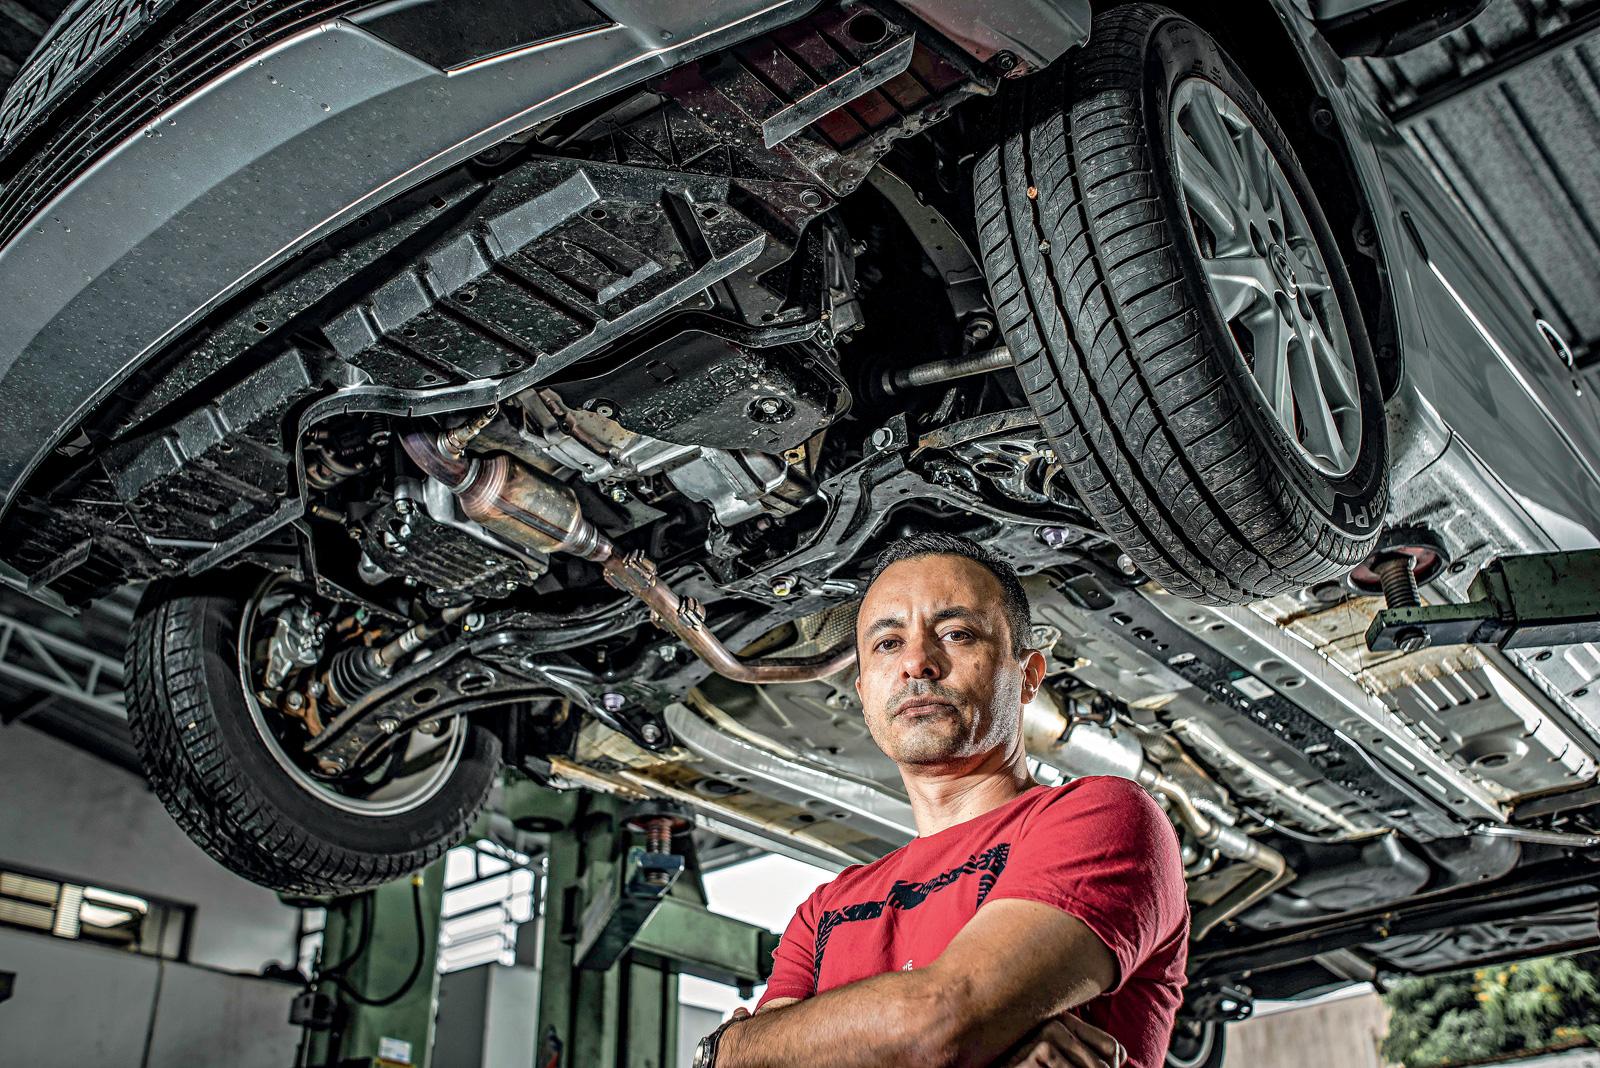 Barulhos na suspensão, como no carro de Cristiano Souza, levaram à descoberta da quebra da barra no eixo traseiro